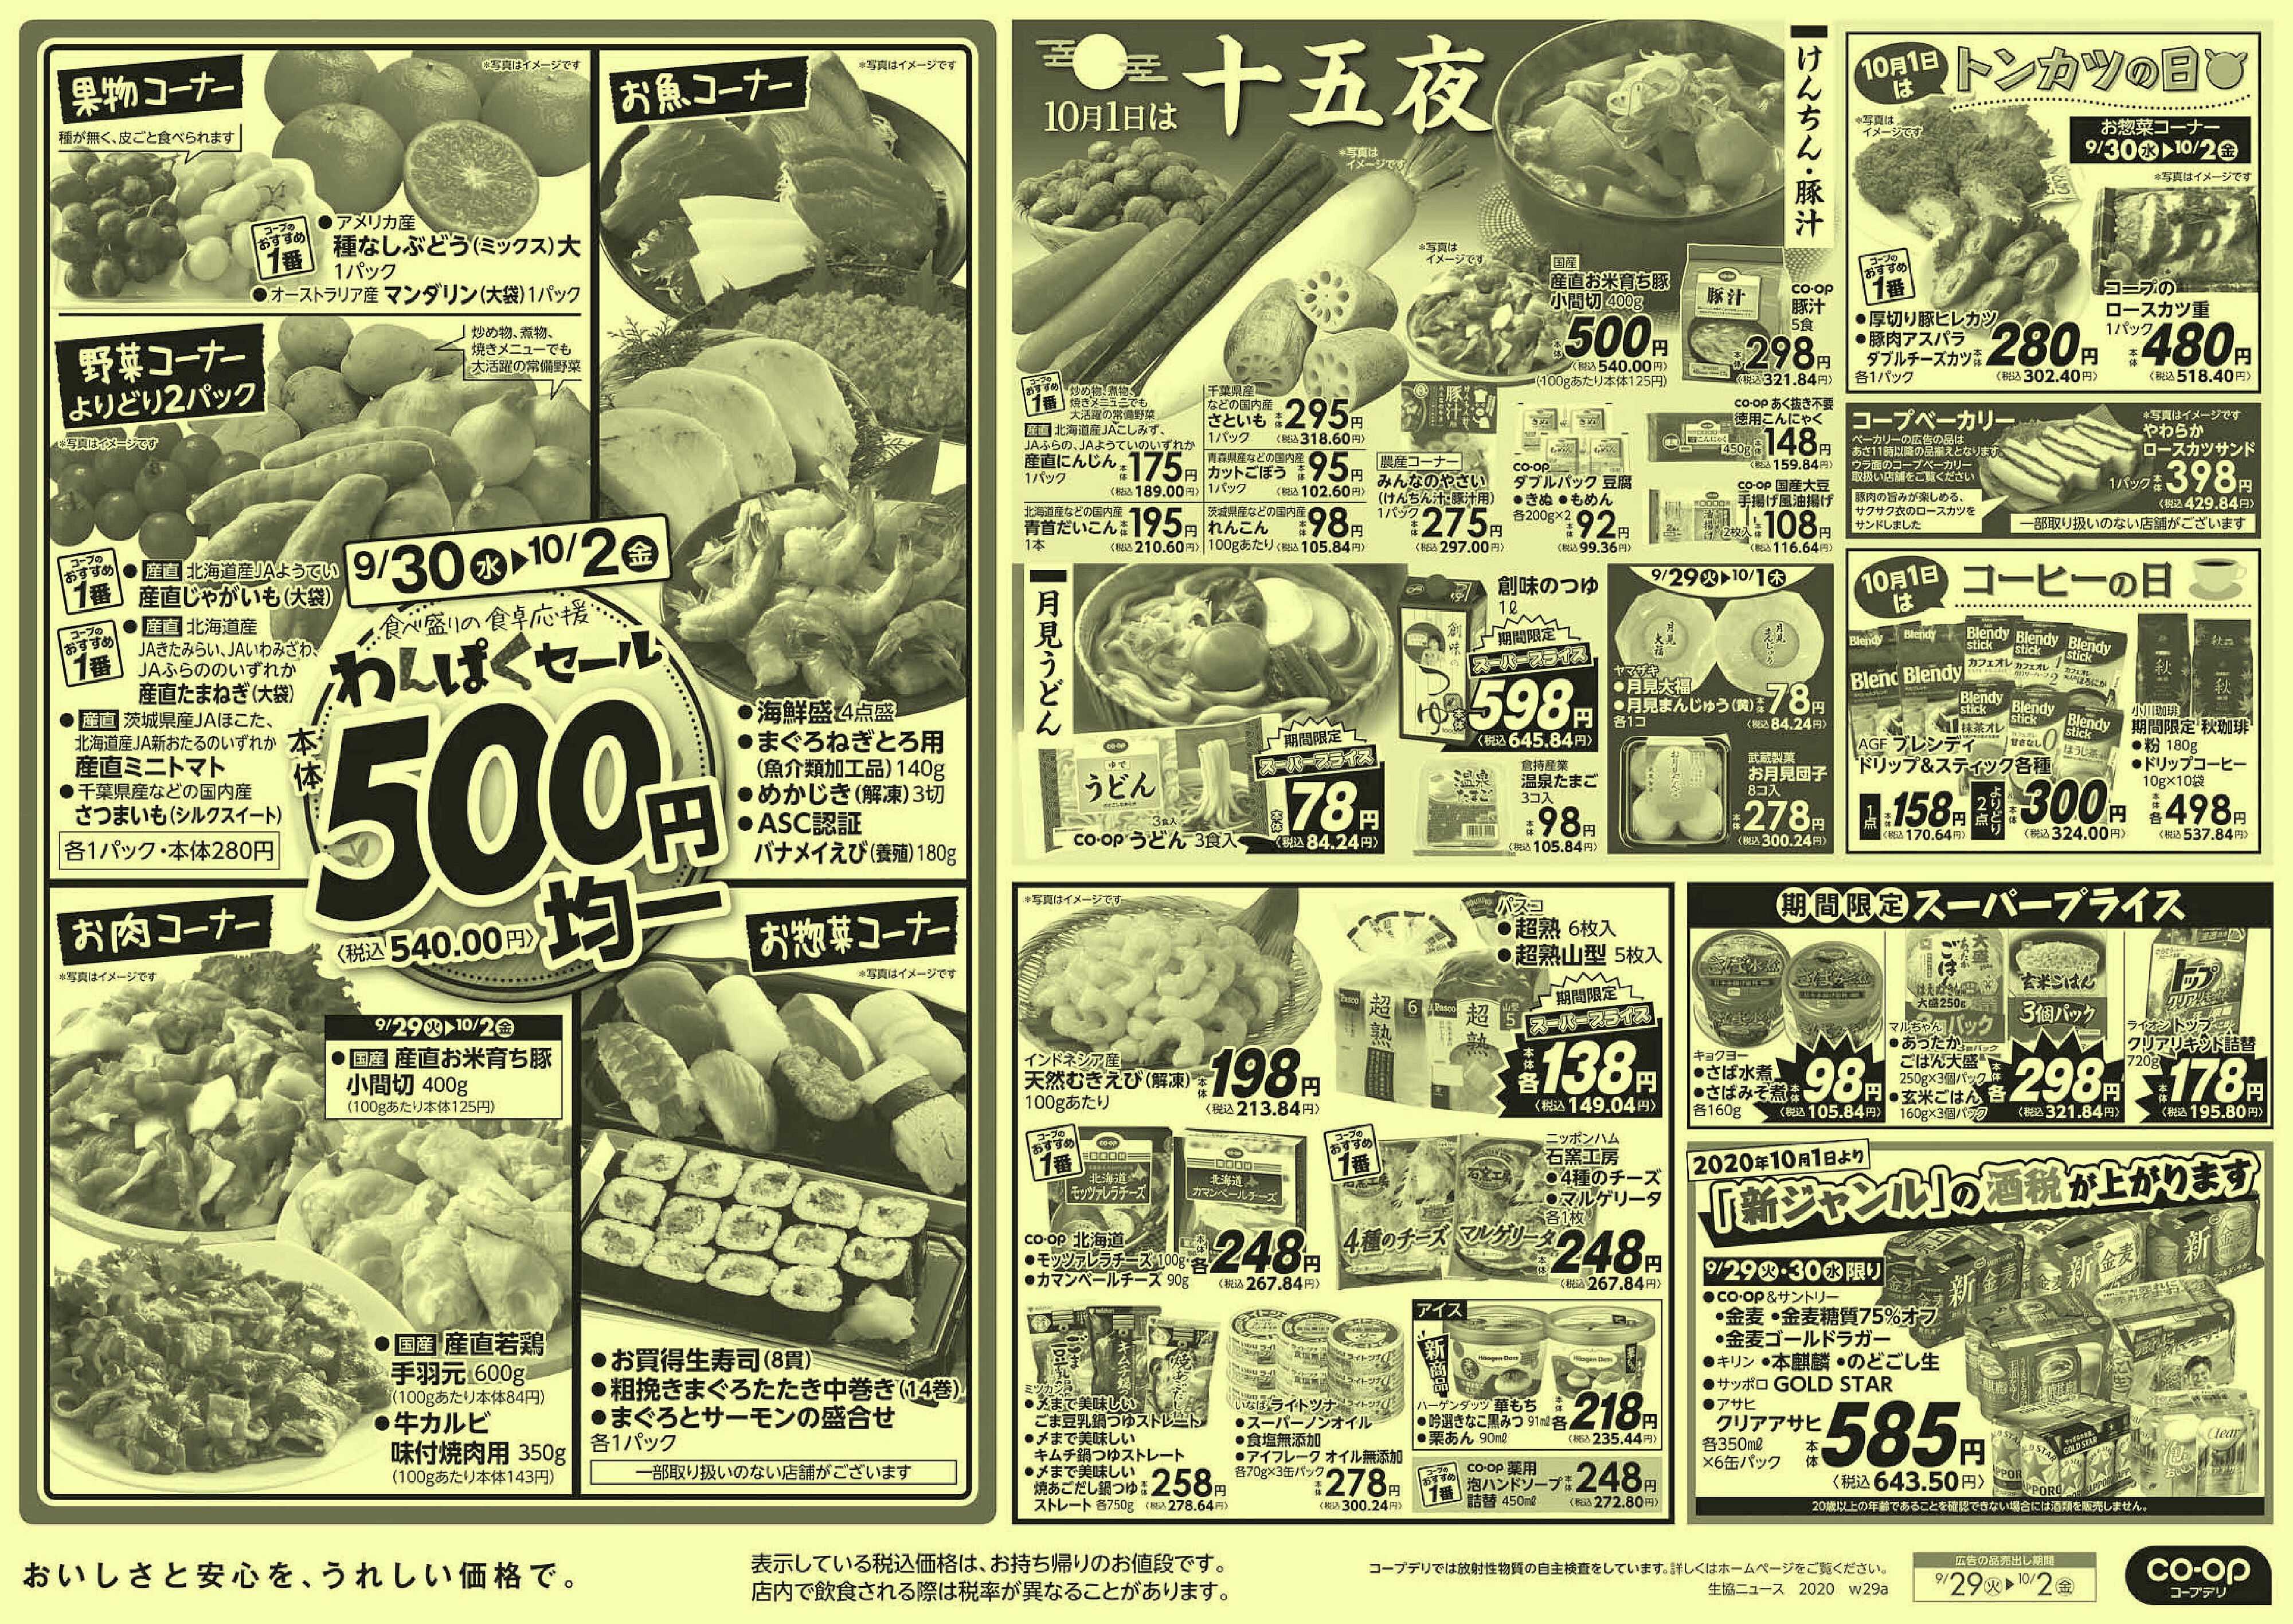 コープみらい 92円均一/わんぱくセール